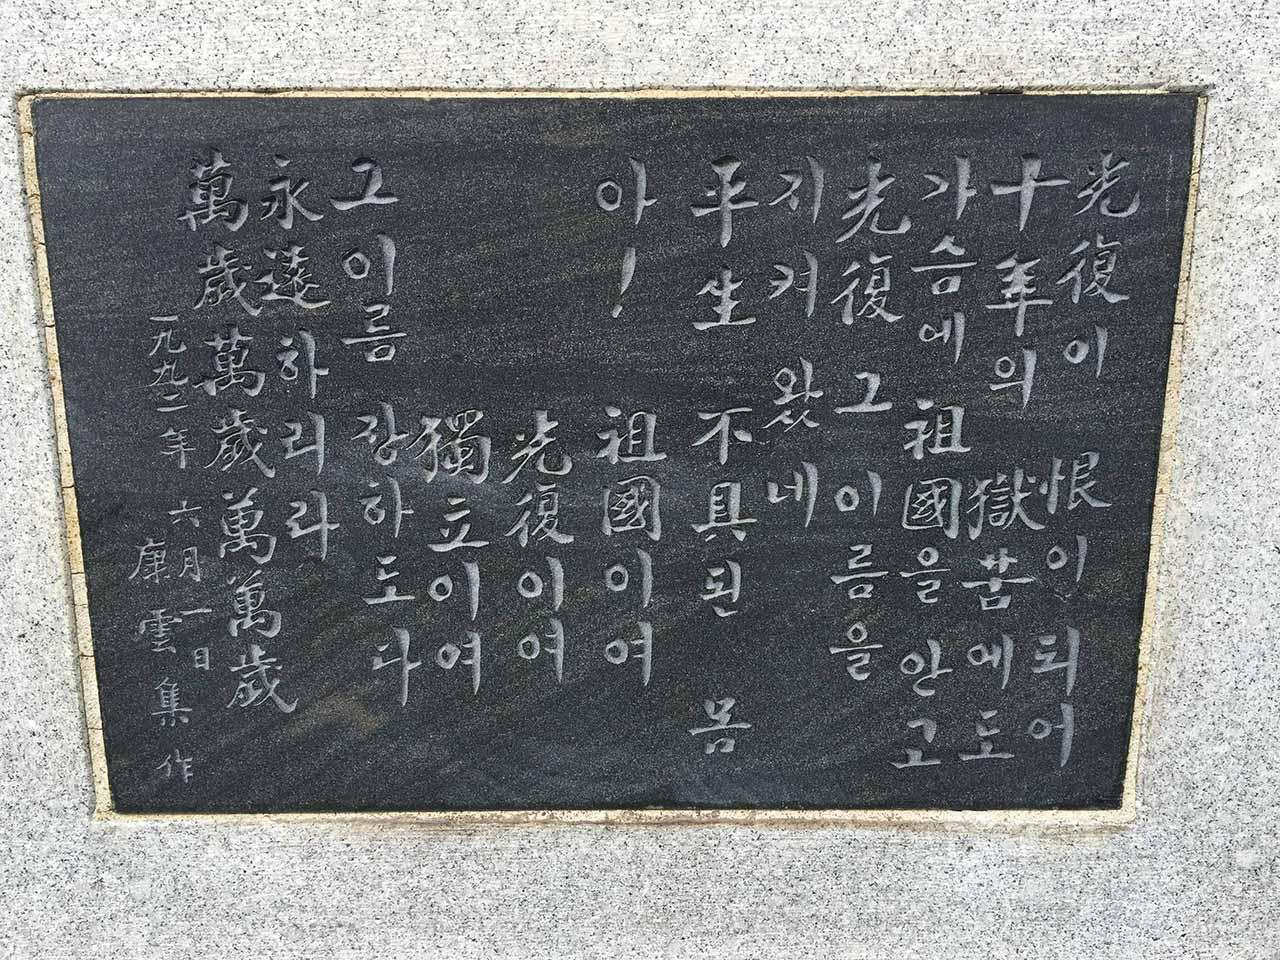 김상옥 묘비명